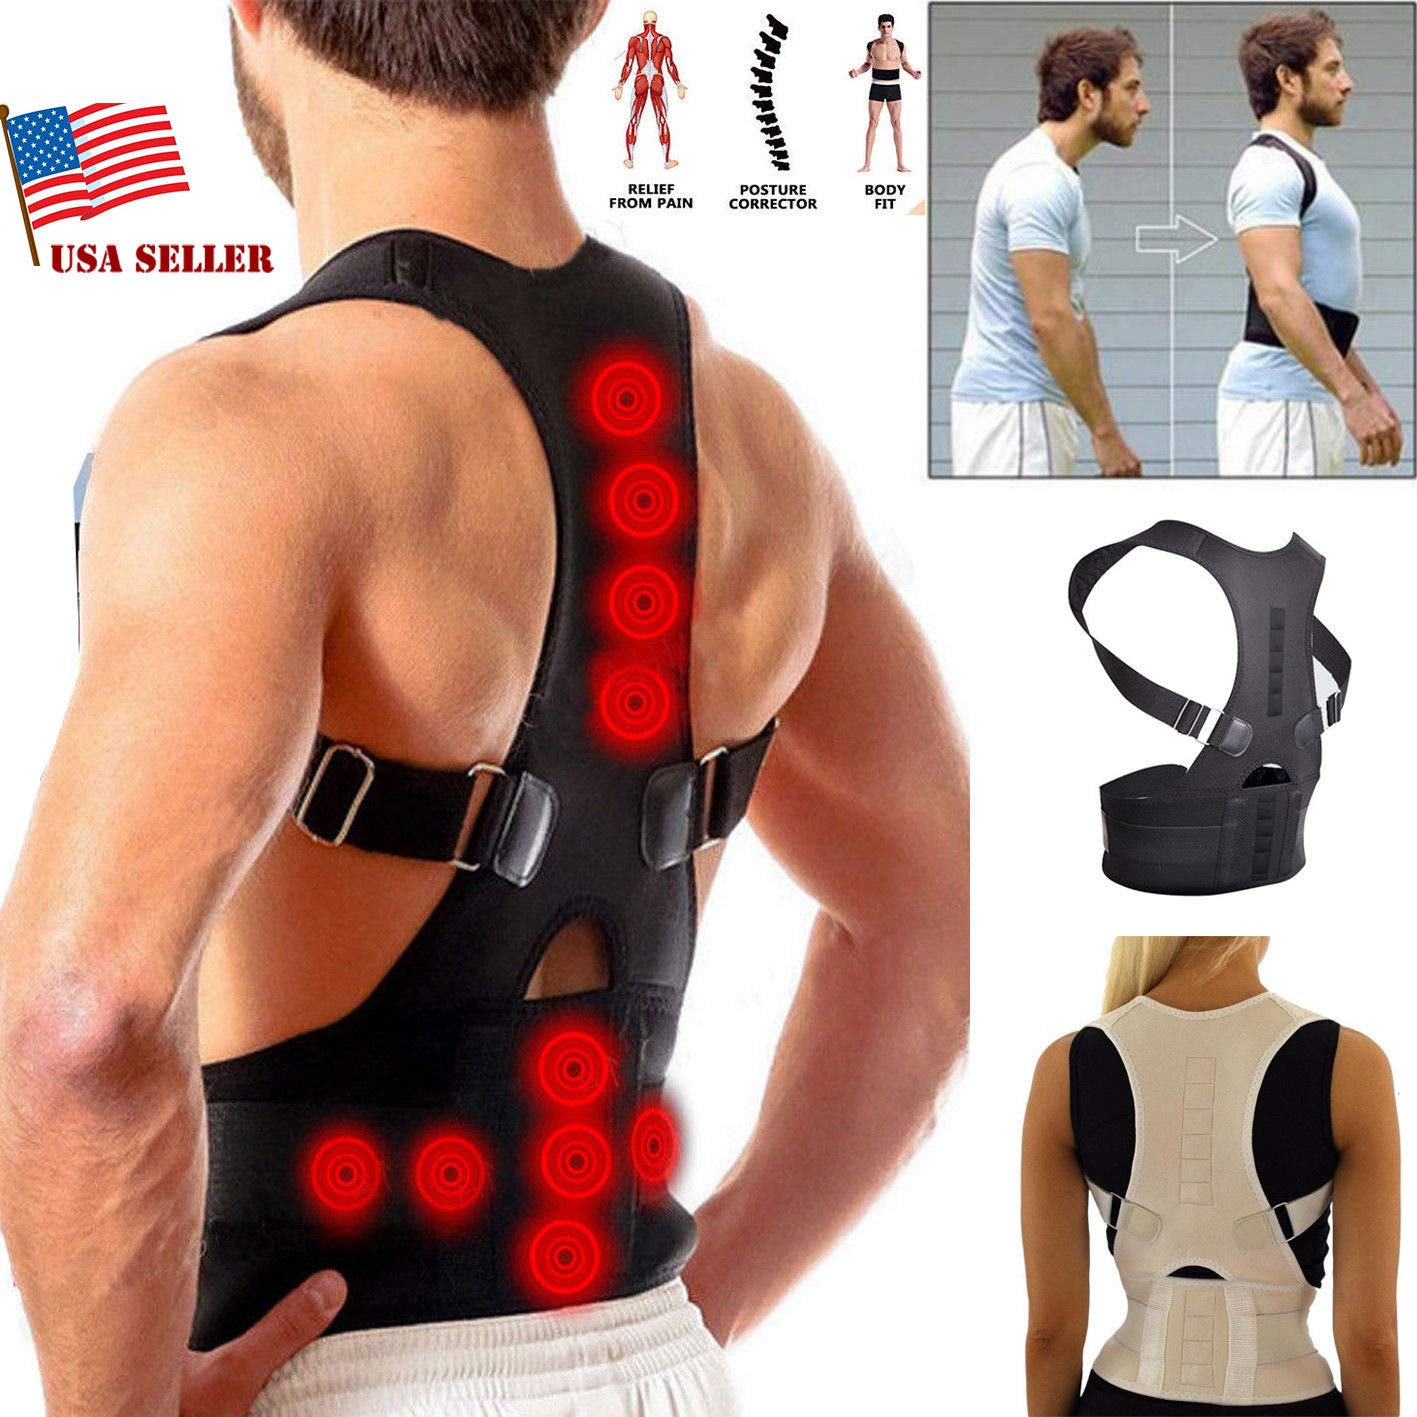 #1 Fajas Ortopedicas para Hombres Faja Correctora Posture La Espalda Talla (M)